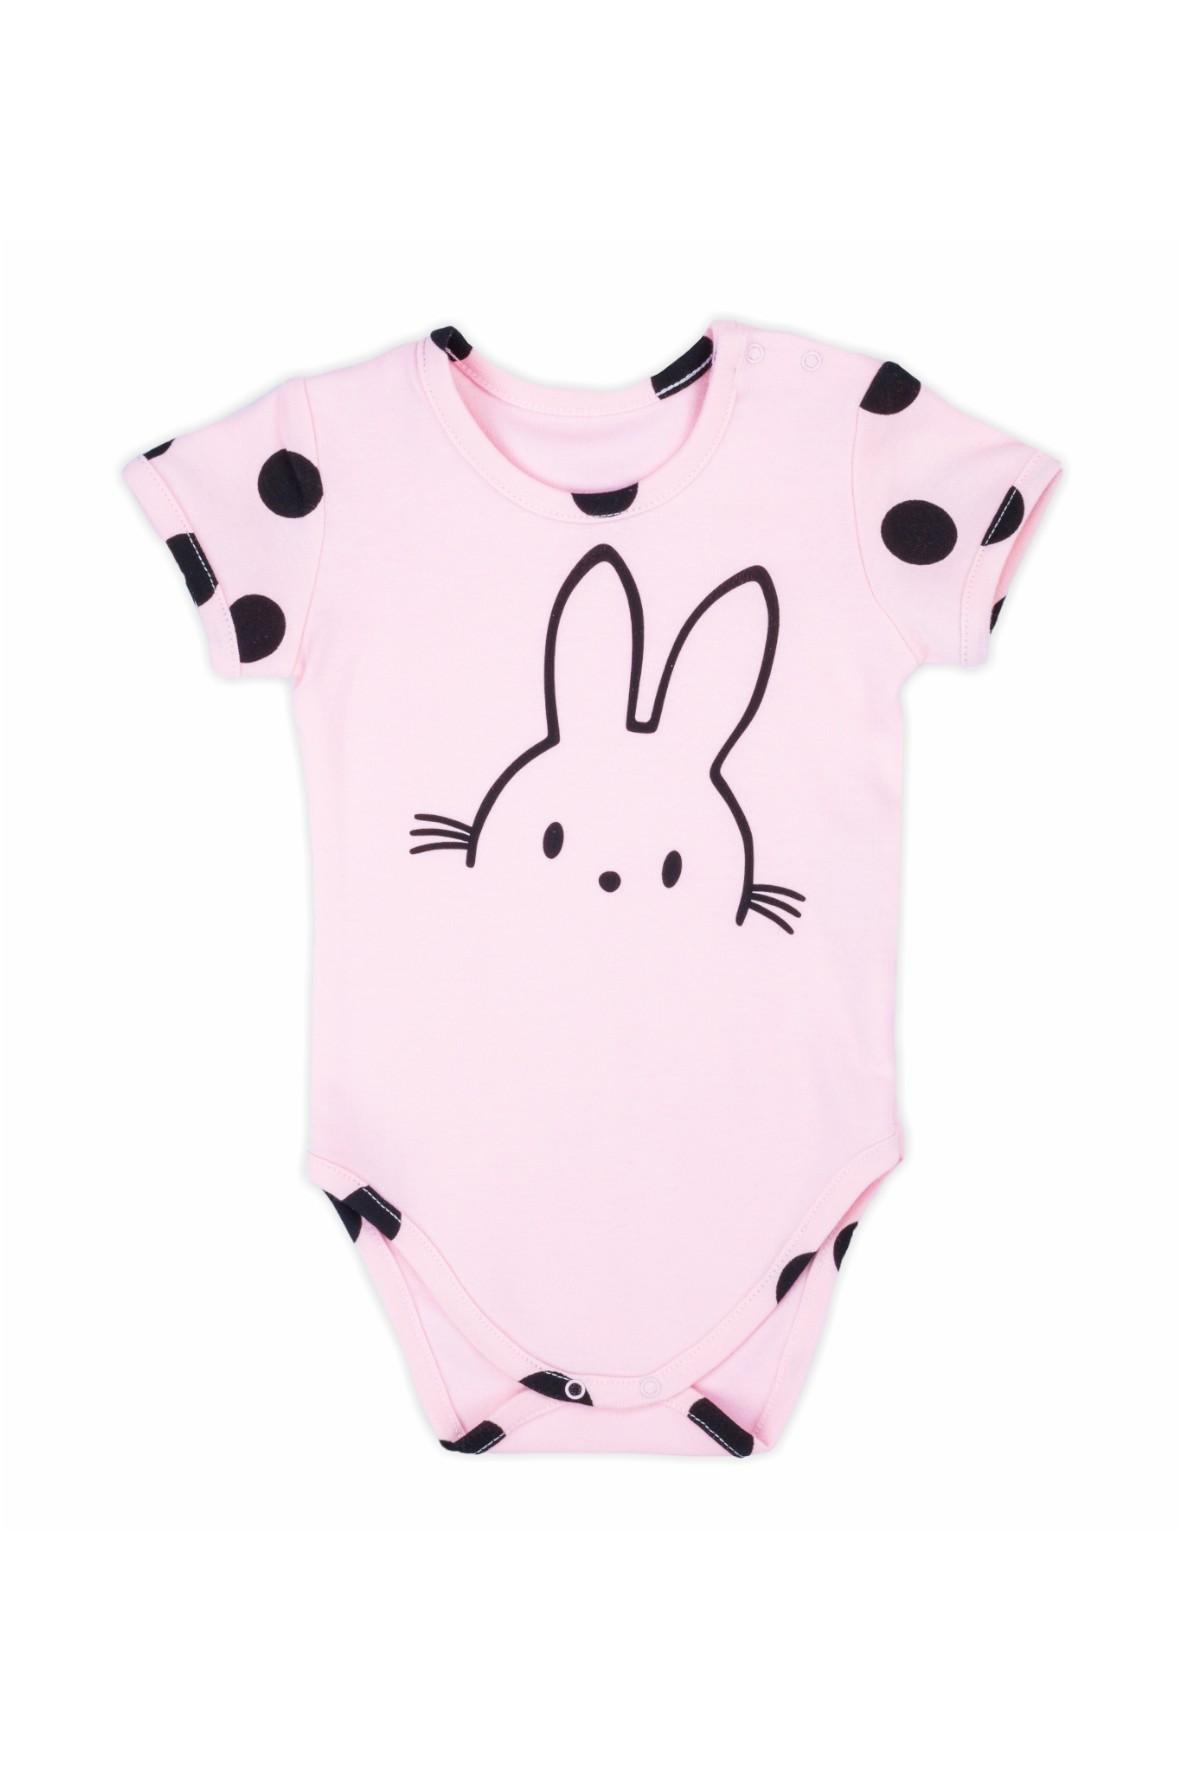 Bawełniane body niemowlęce z krótkim rękawem